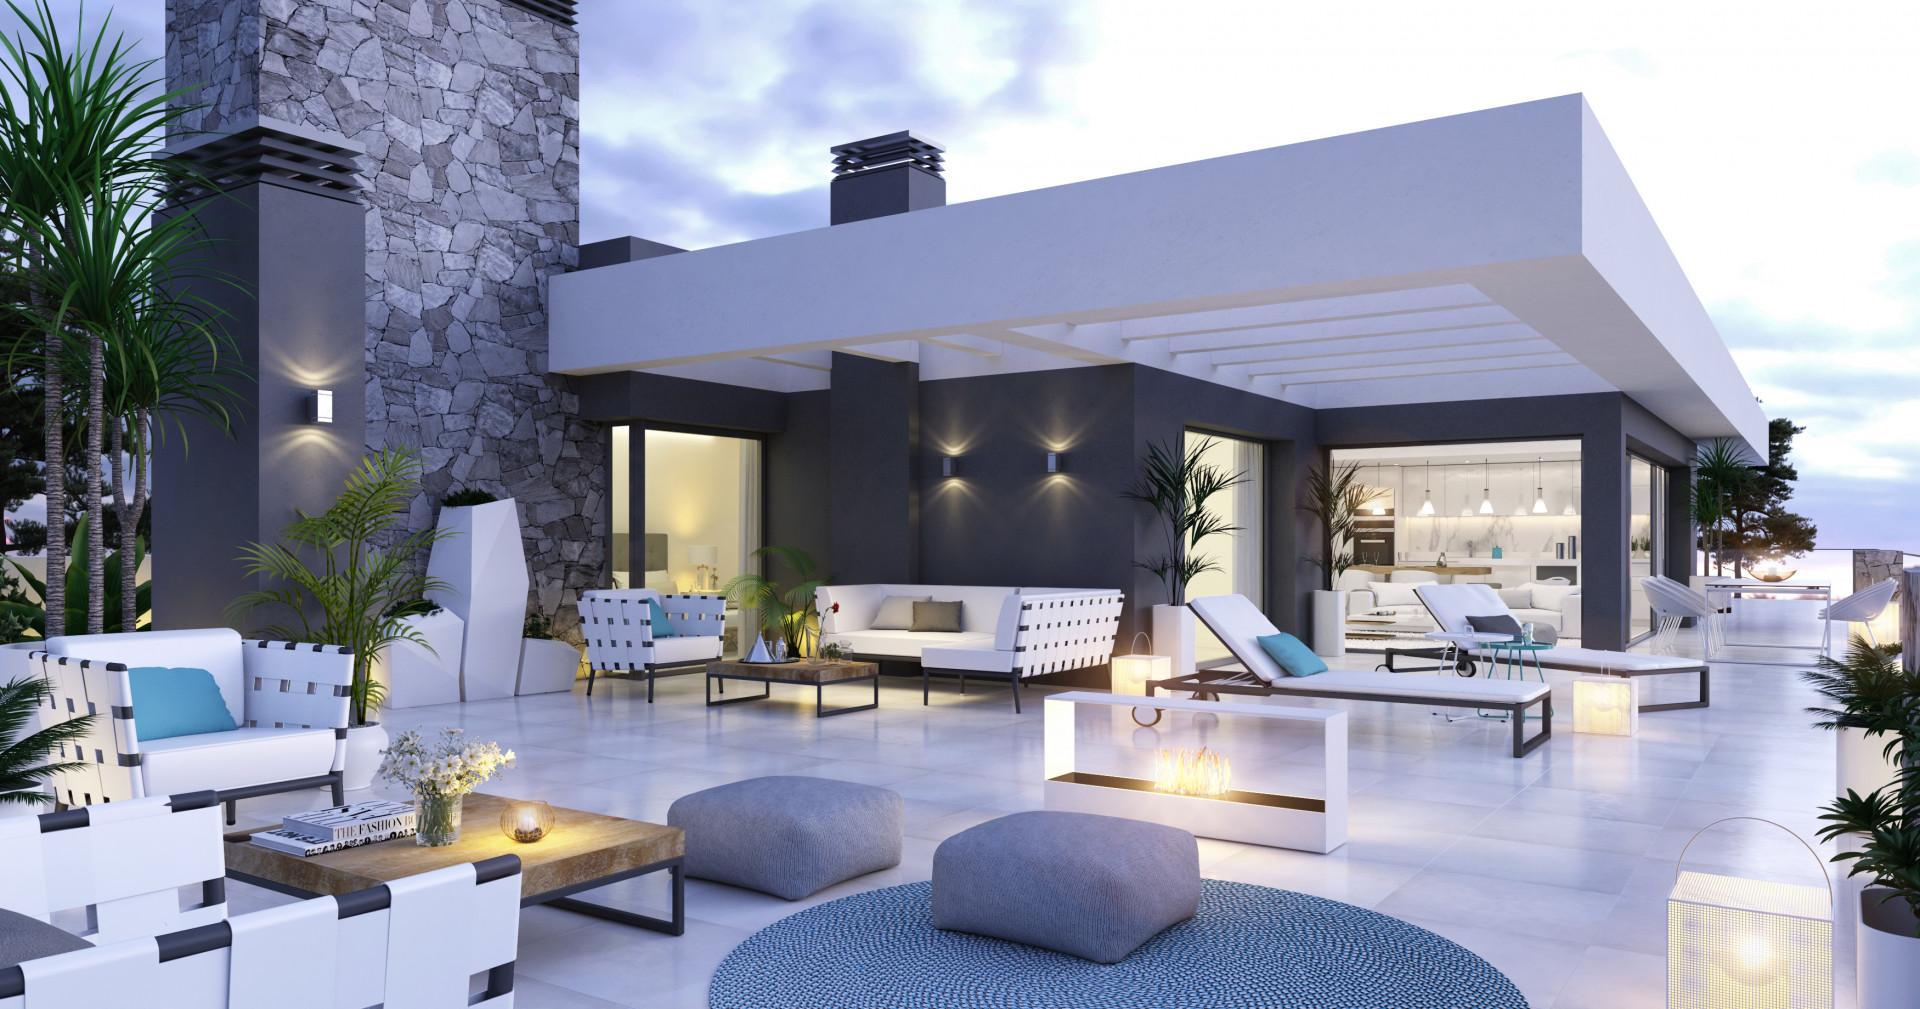 Moderne appartementen kopen New Golden Mile estepona